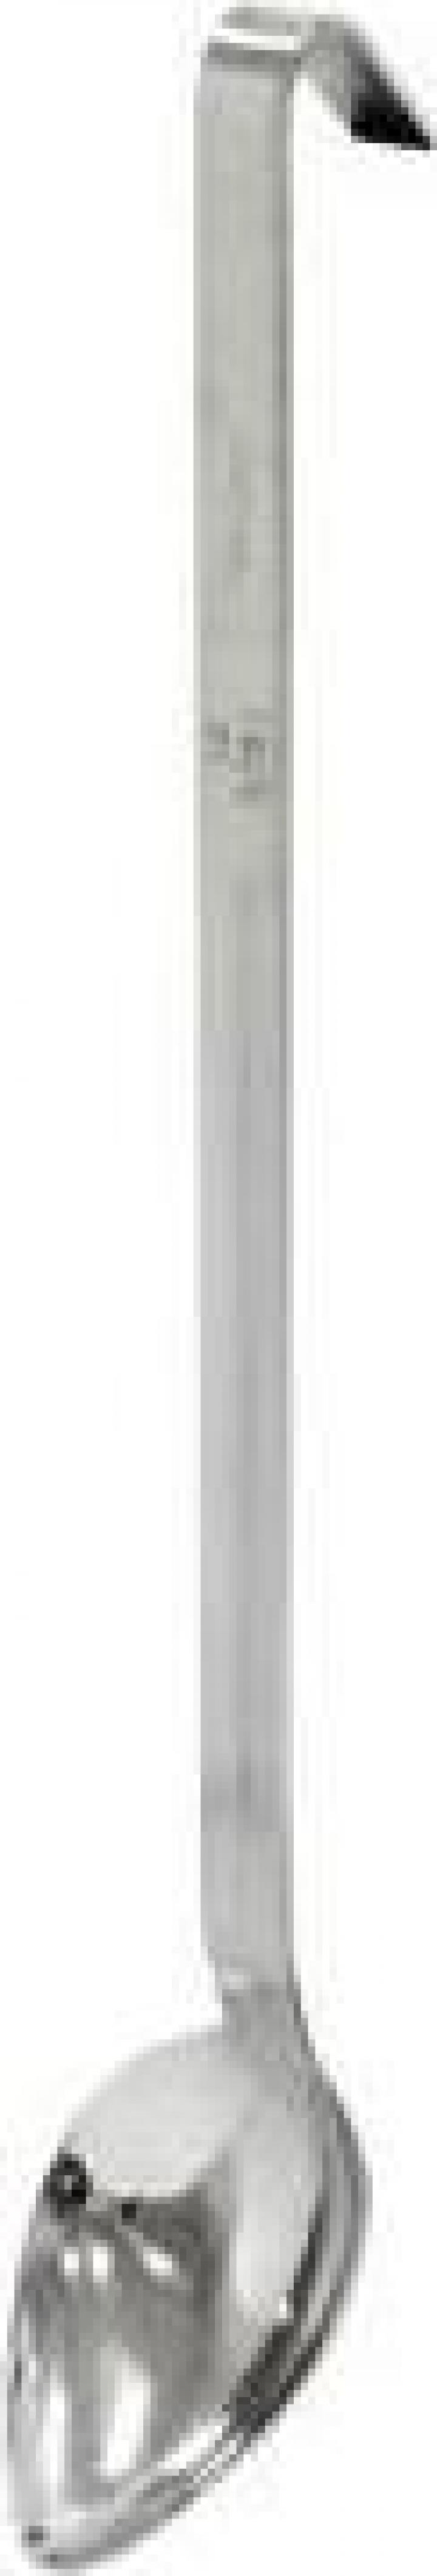 Lingura servire inox monobloc 46 cm